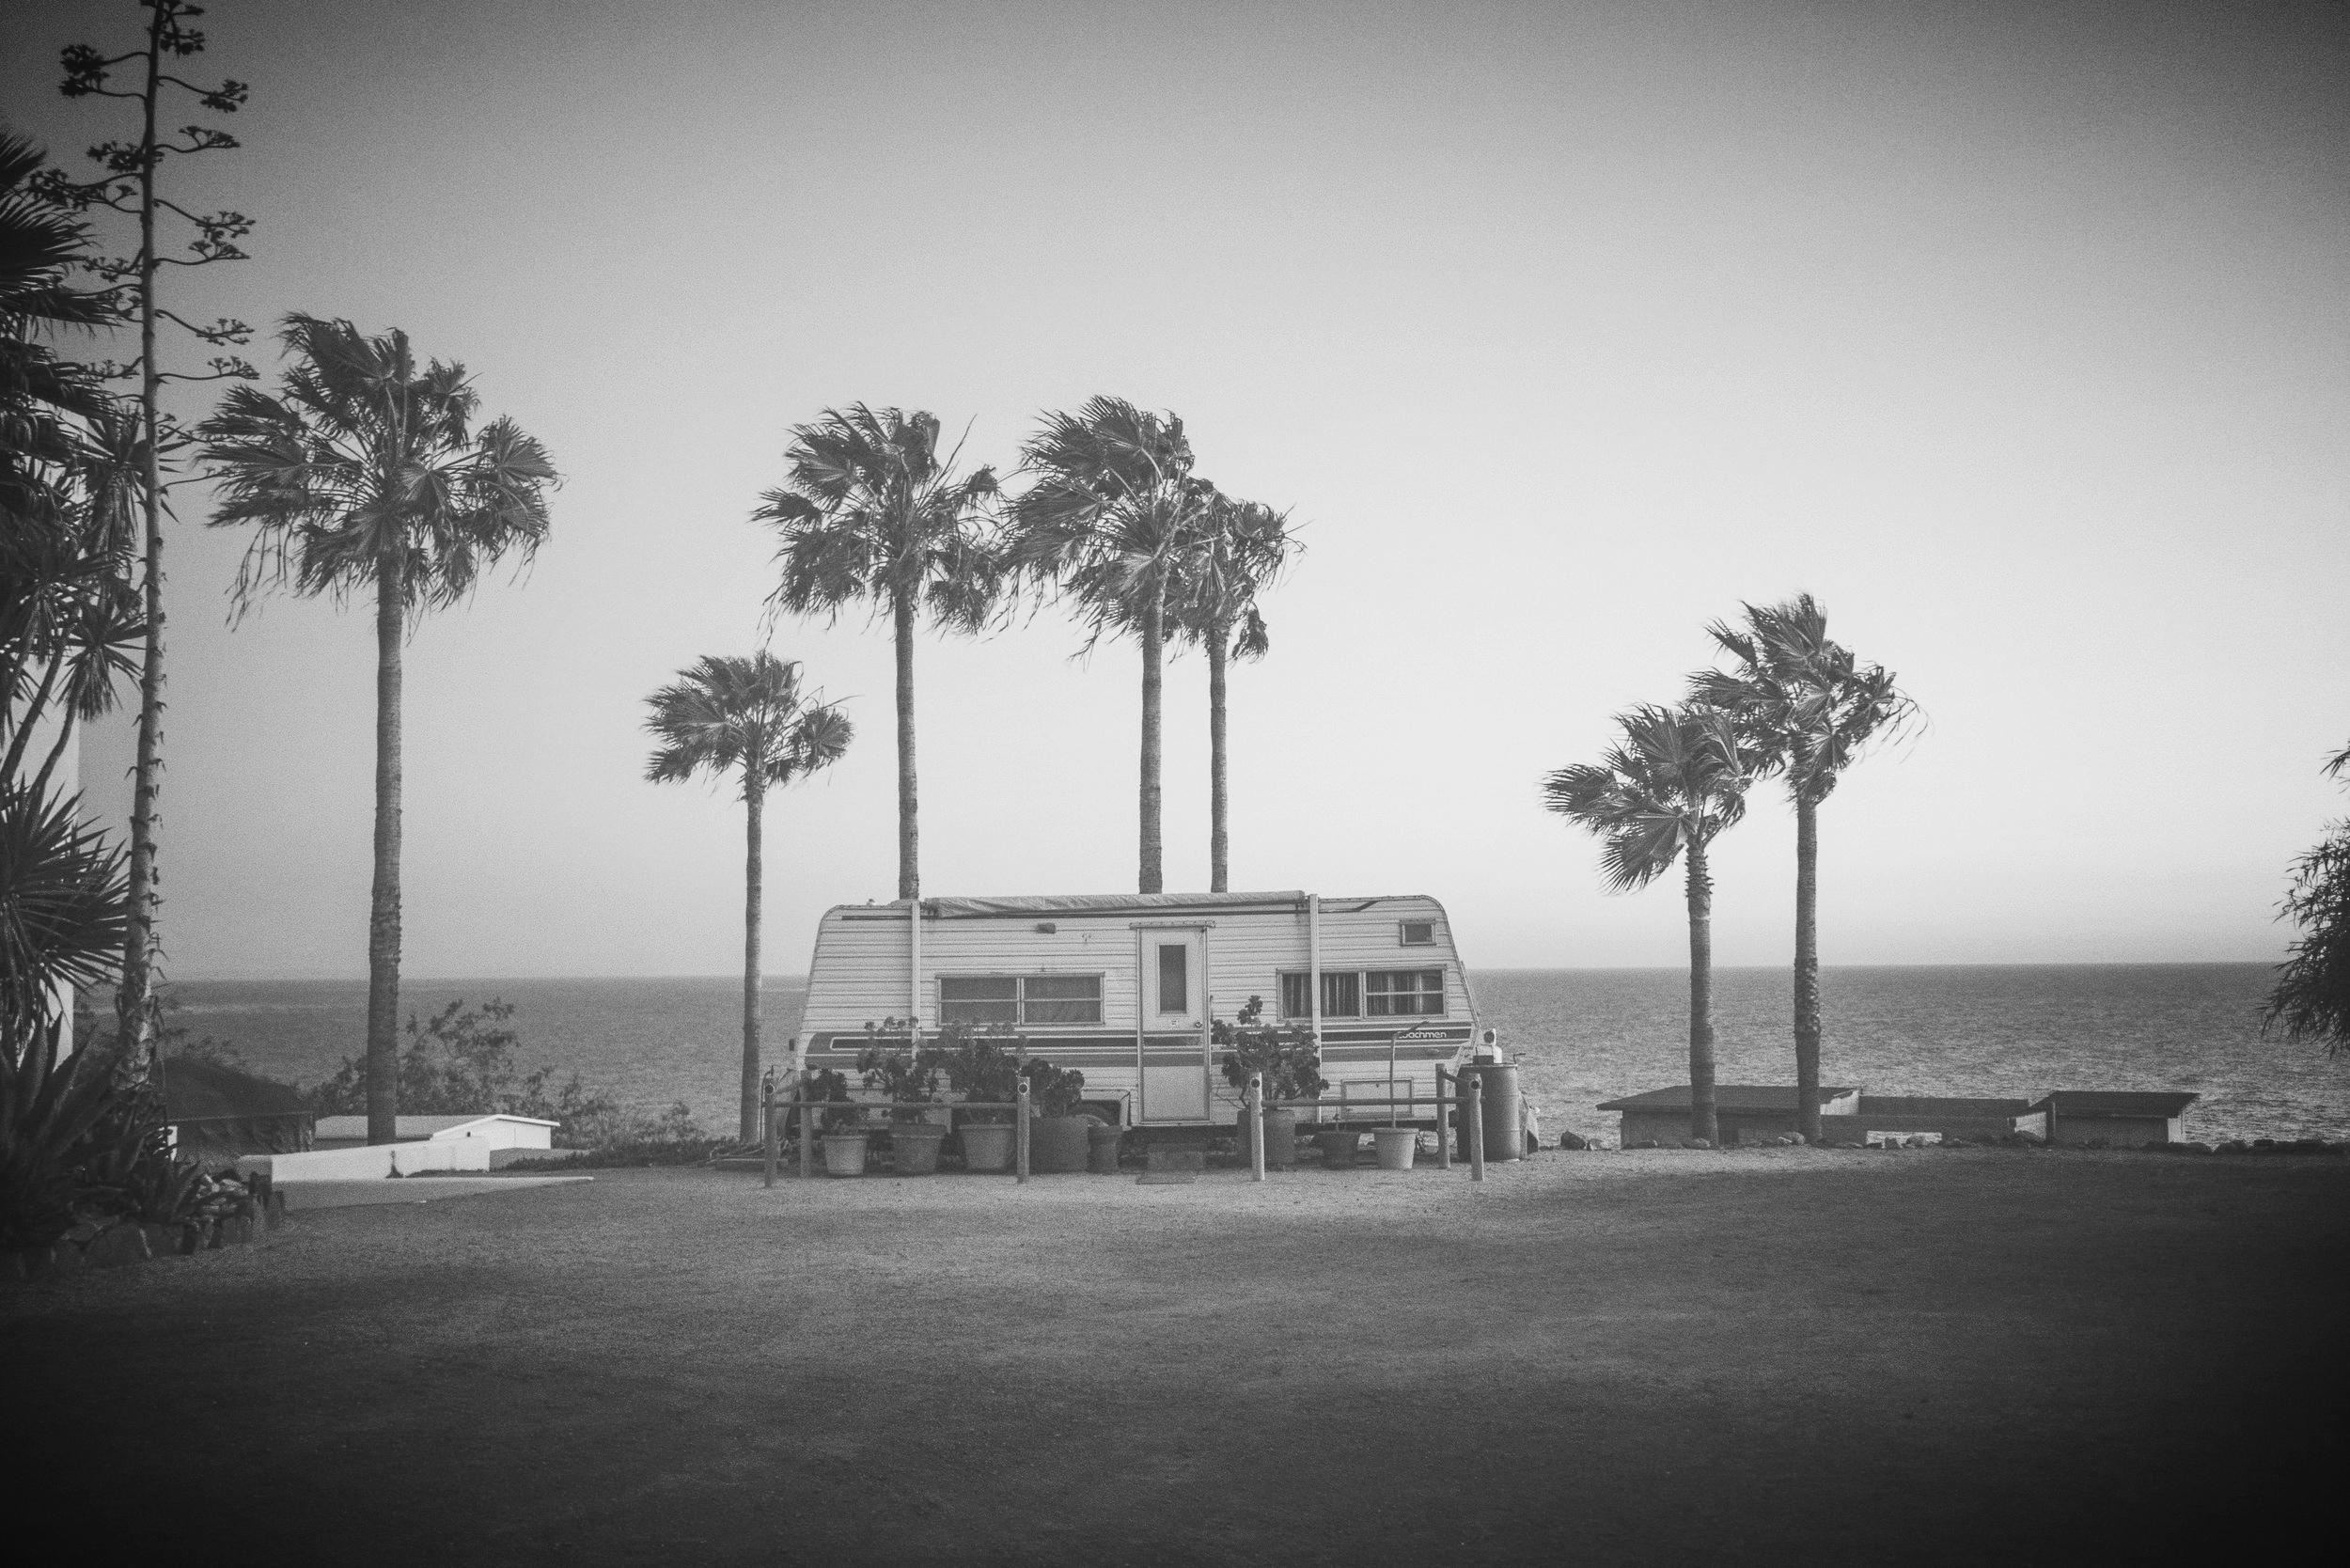 rv-camper-palm-trees-summer-wallpaper.jpg